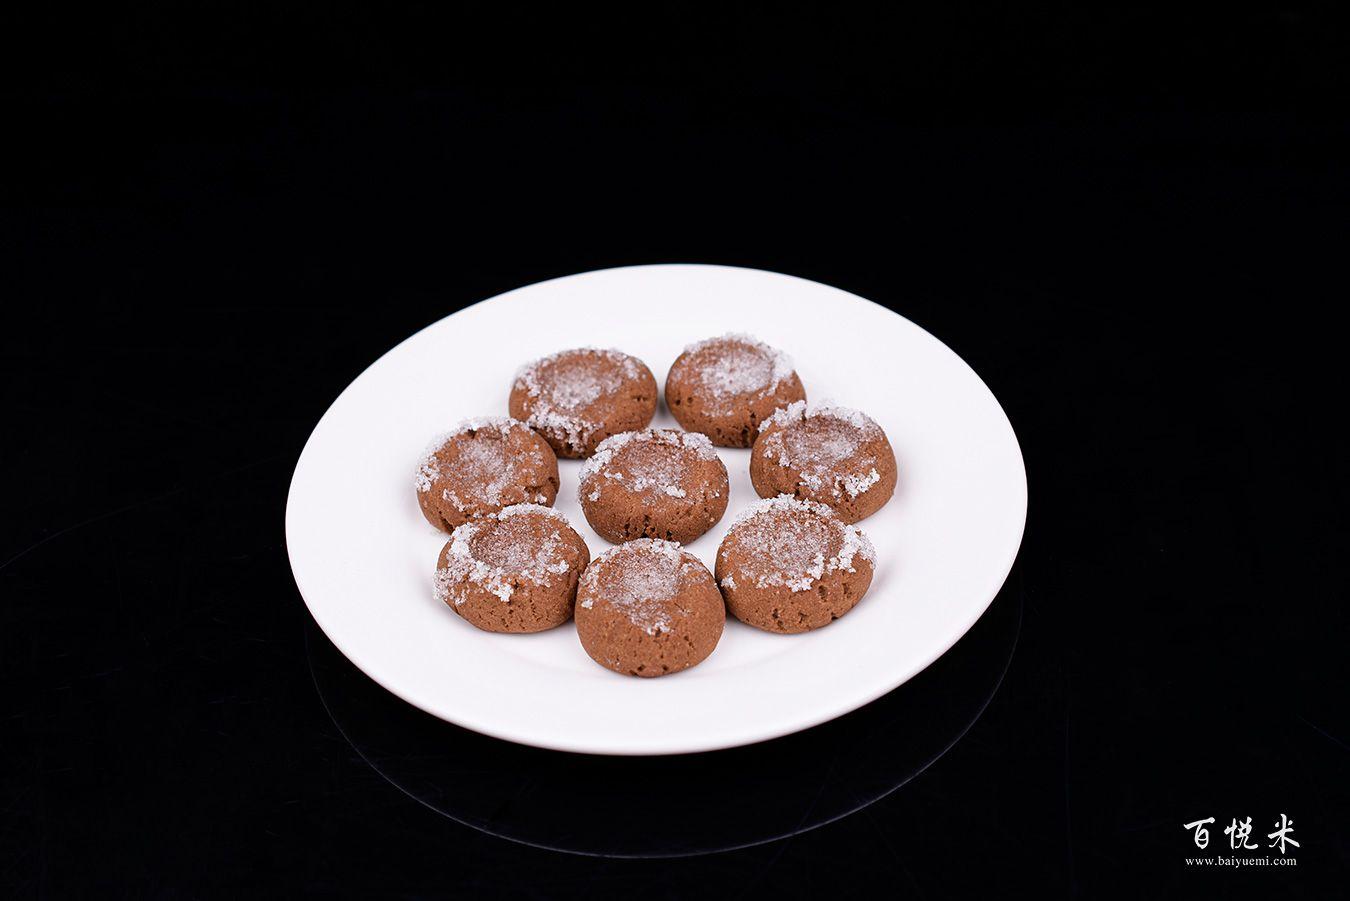 巧克力饼干高清图片大全【蛋糕图片】_553